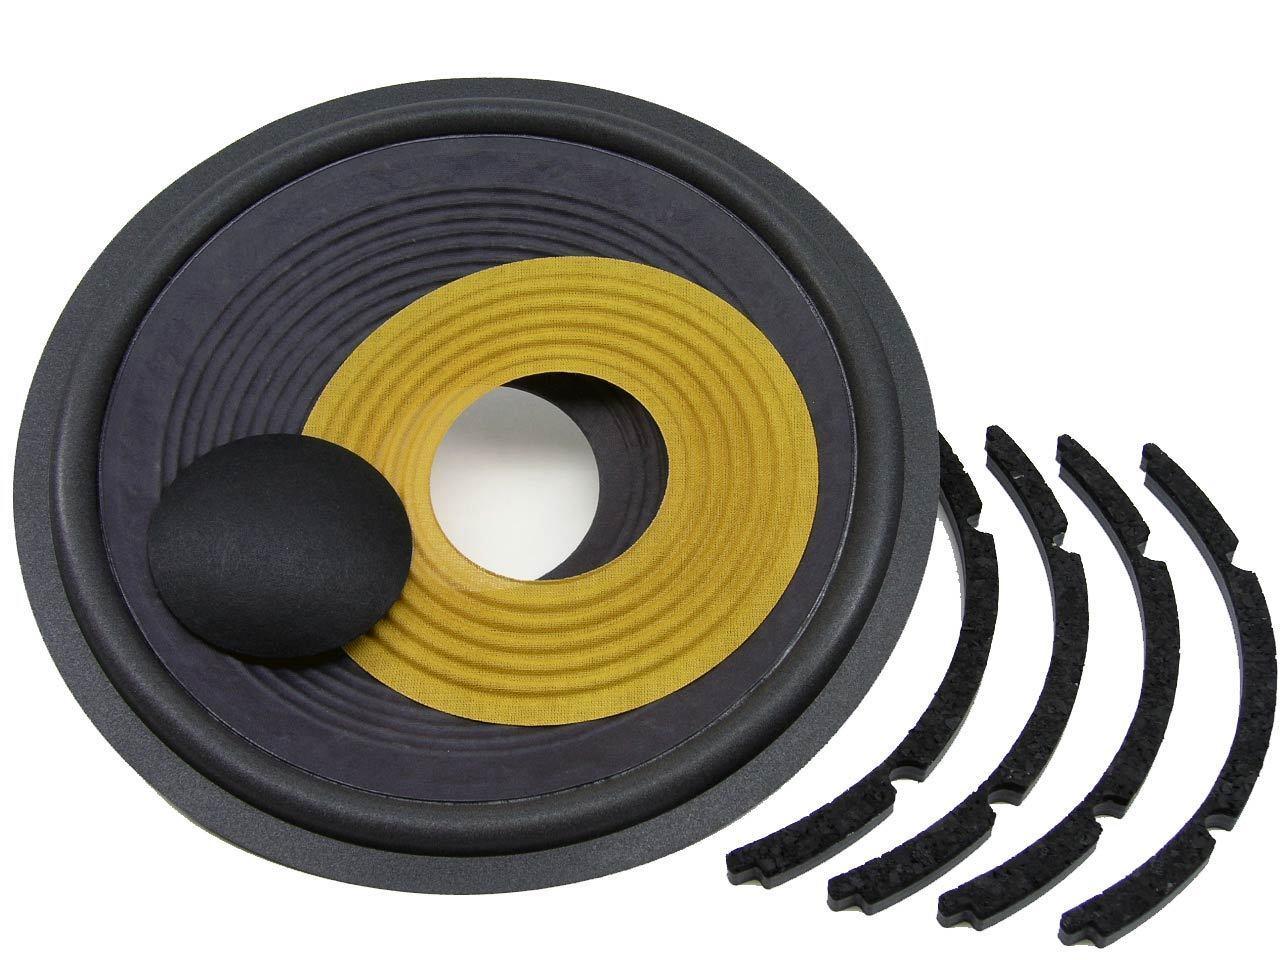 Recone Set für JBL PR300 12   Passiv Radiator Premium Ss Audio Reparatur Teile